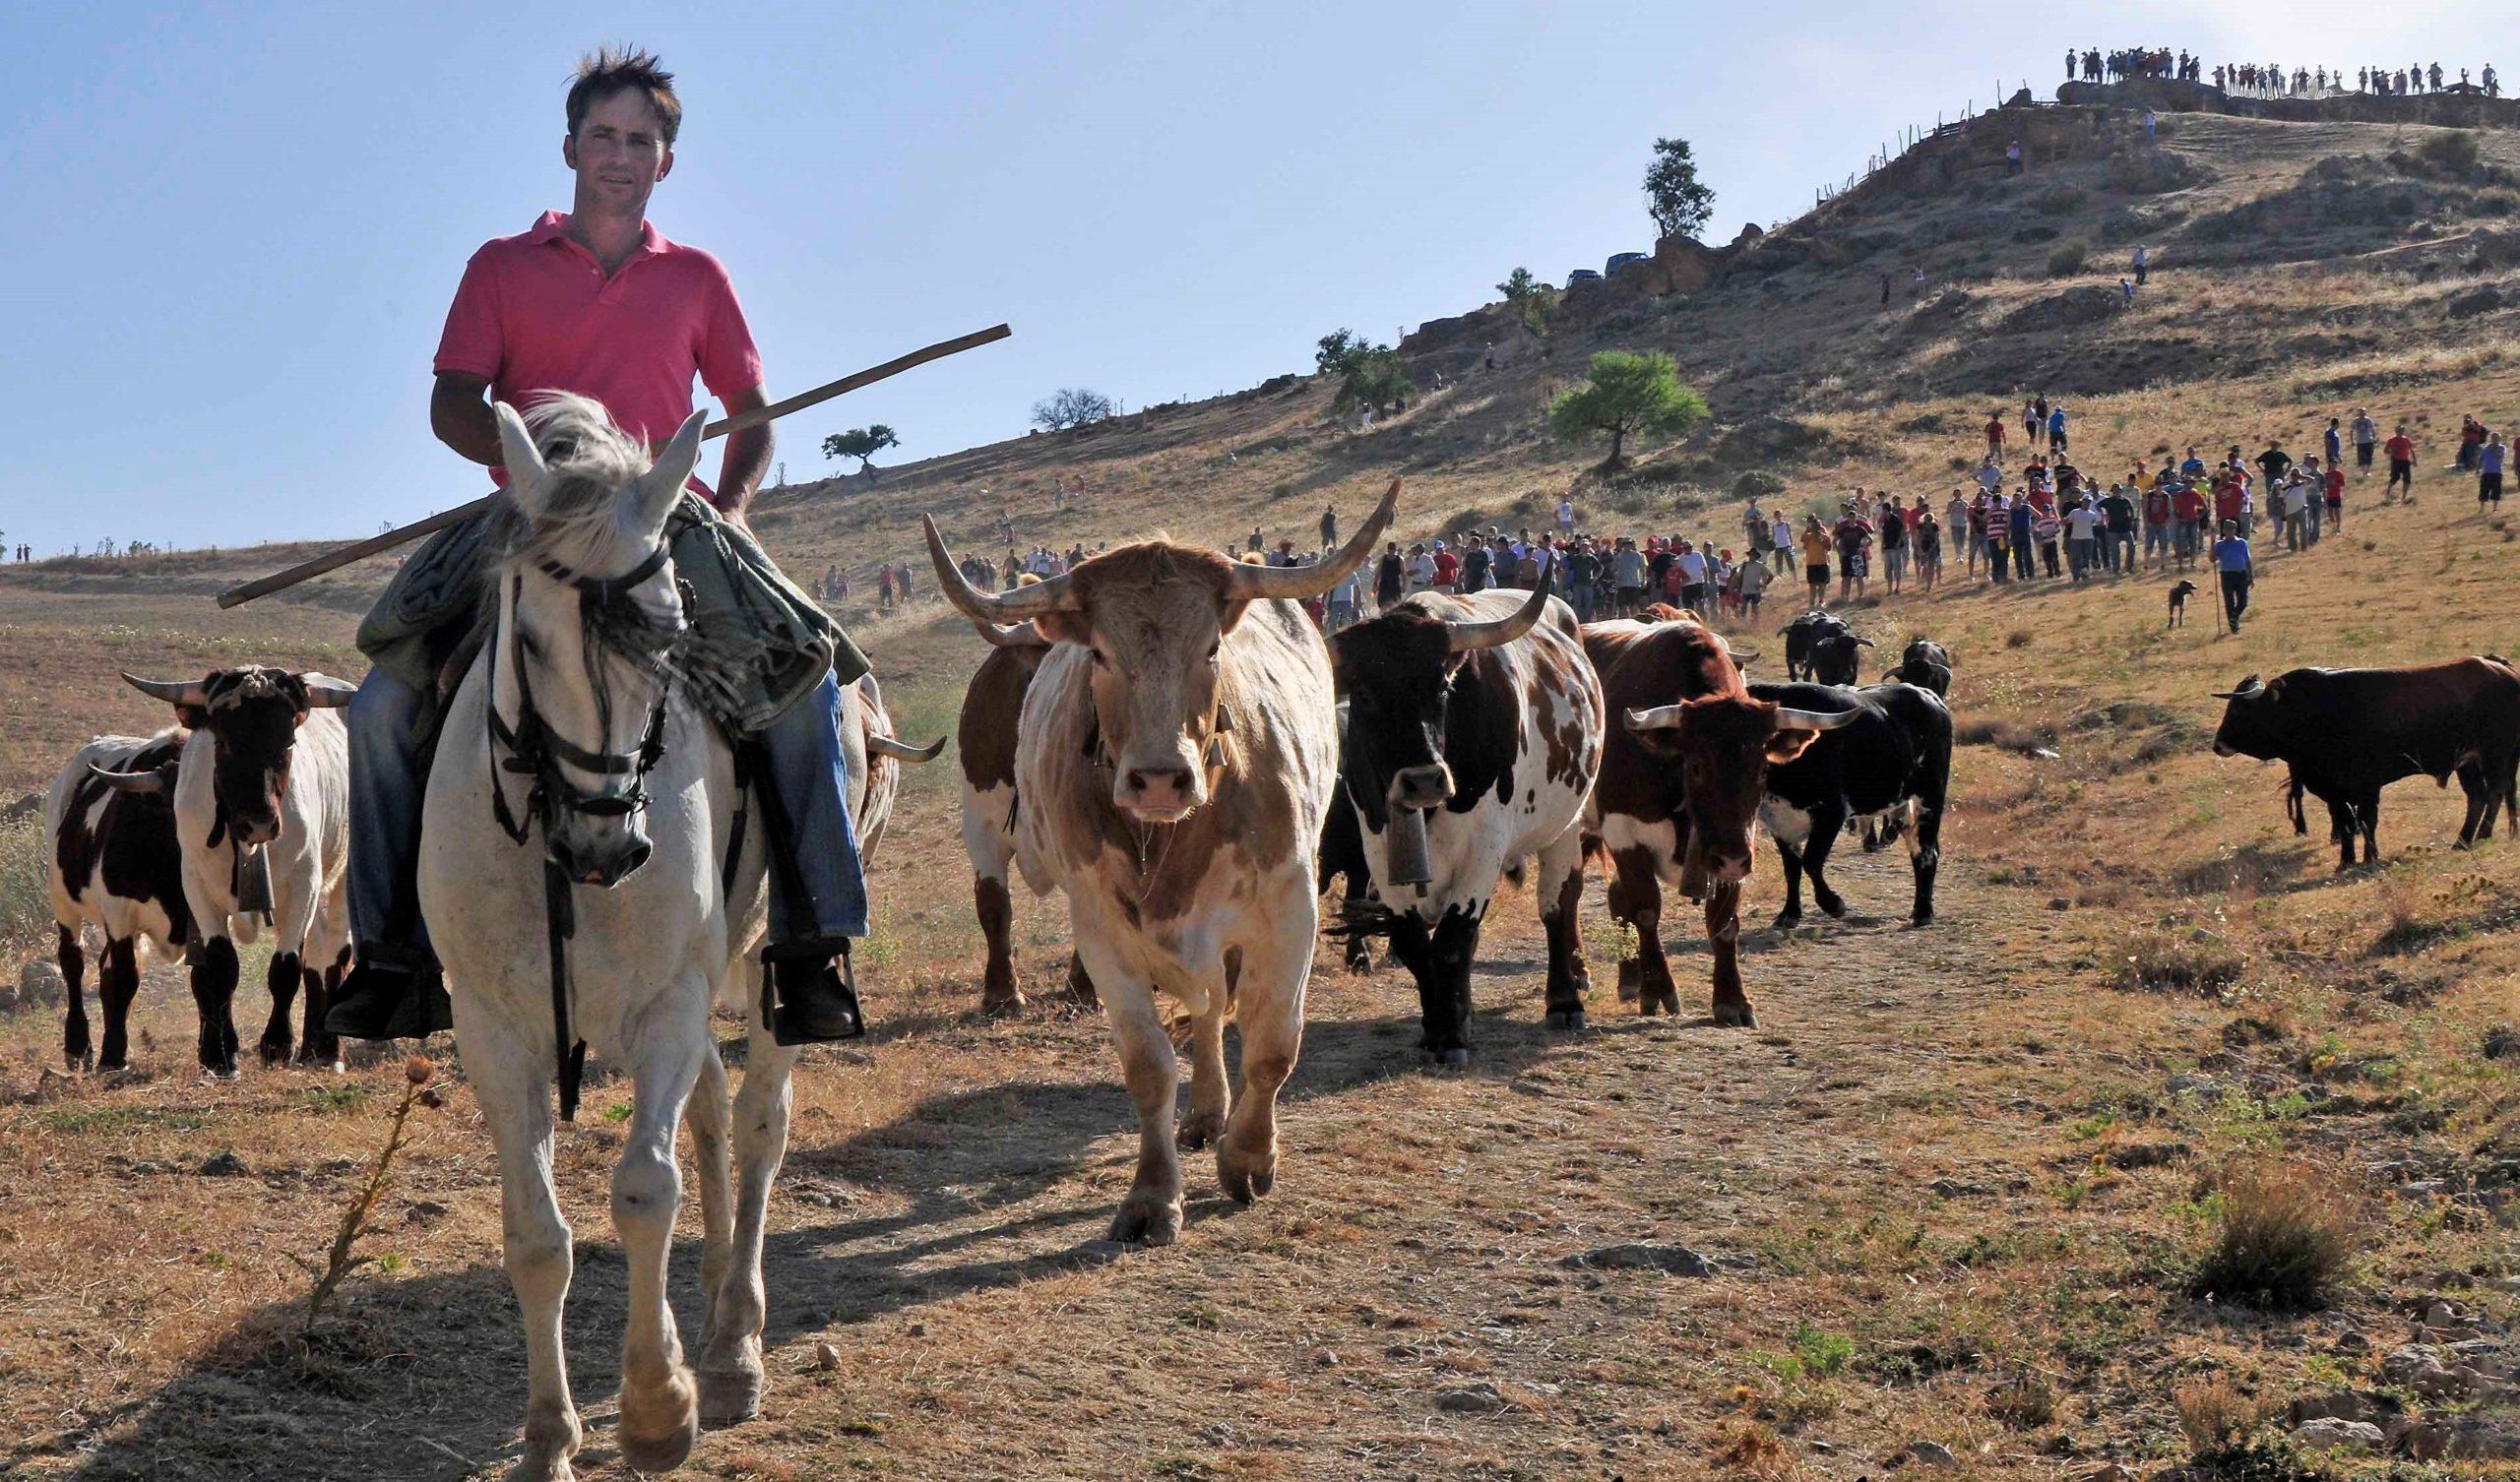 Las fiestas taurinas Gor y Jérez del Marquesado, camino de ser declaradas fiestas de interés turístico de Andalucía